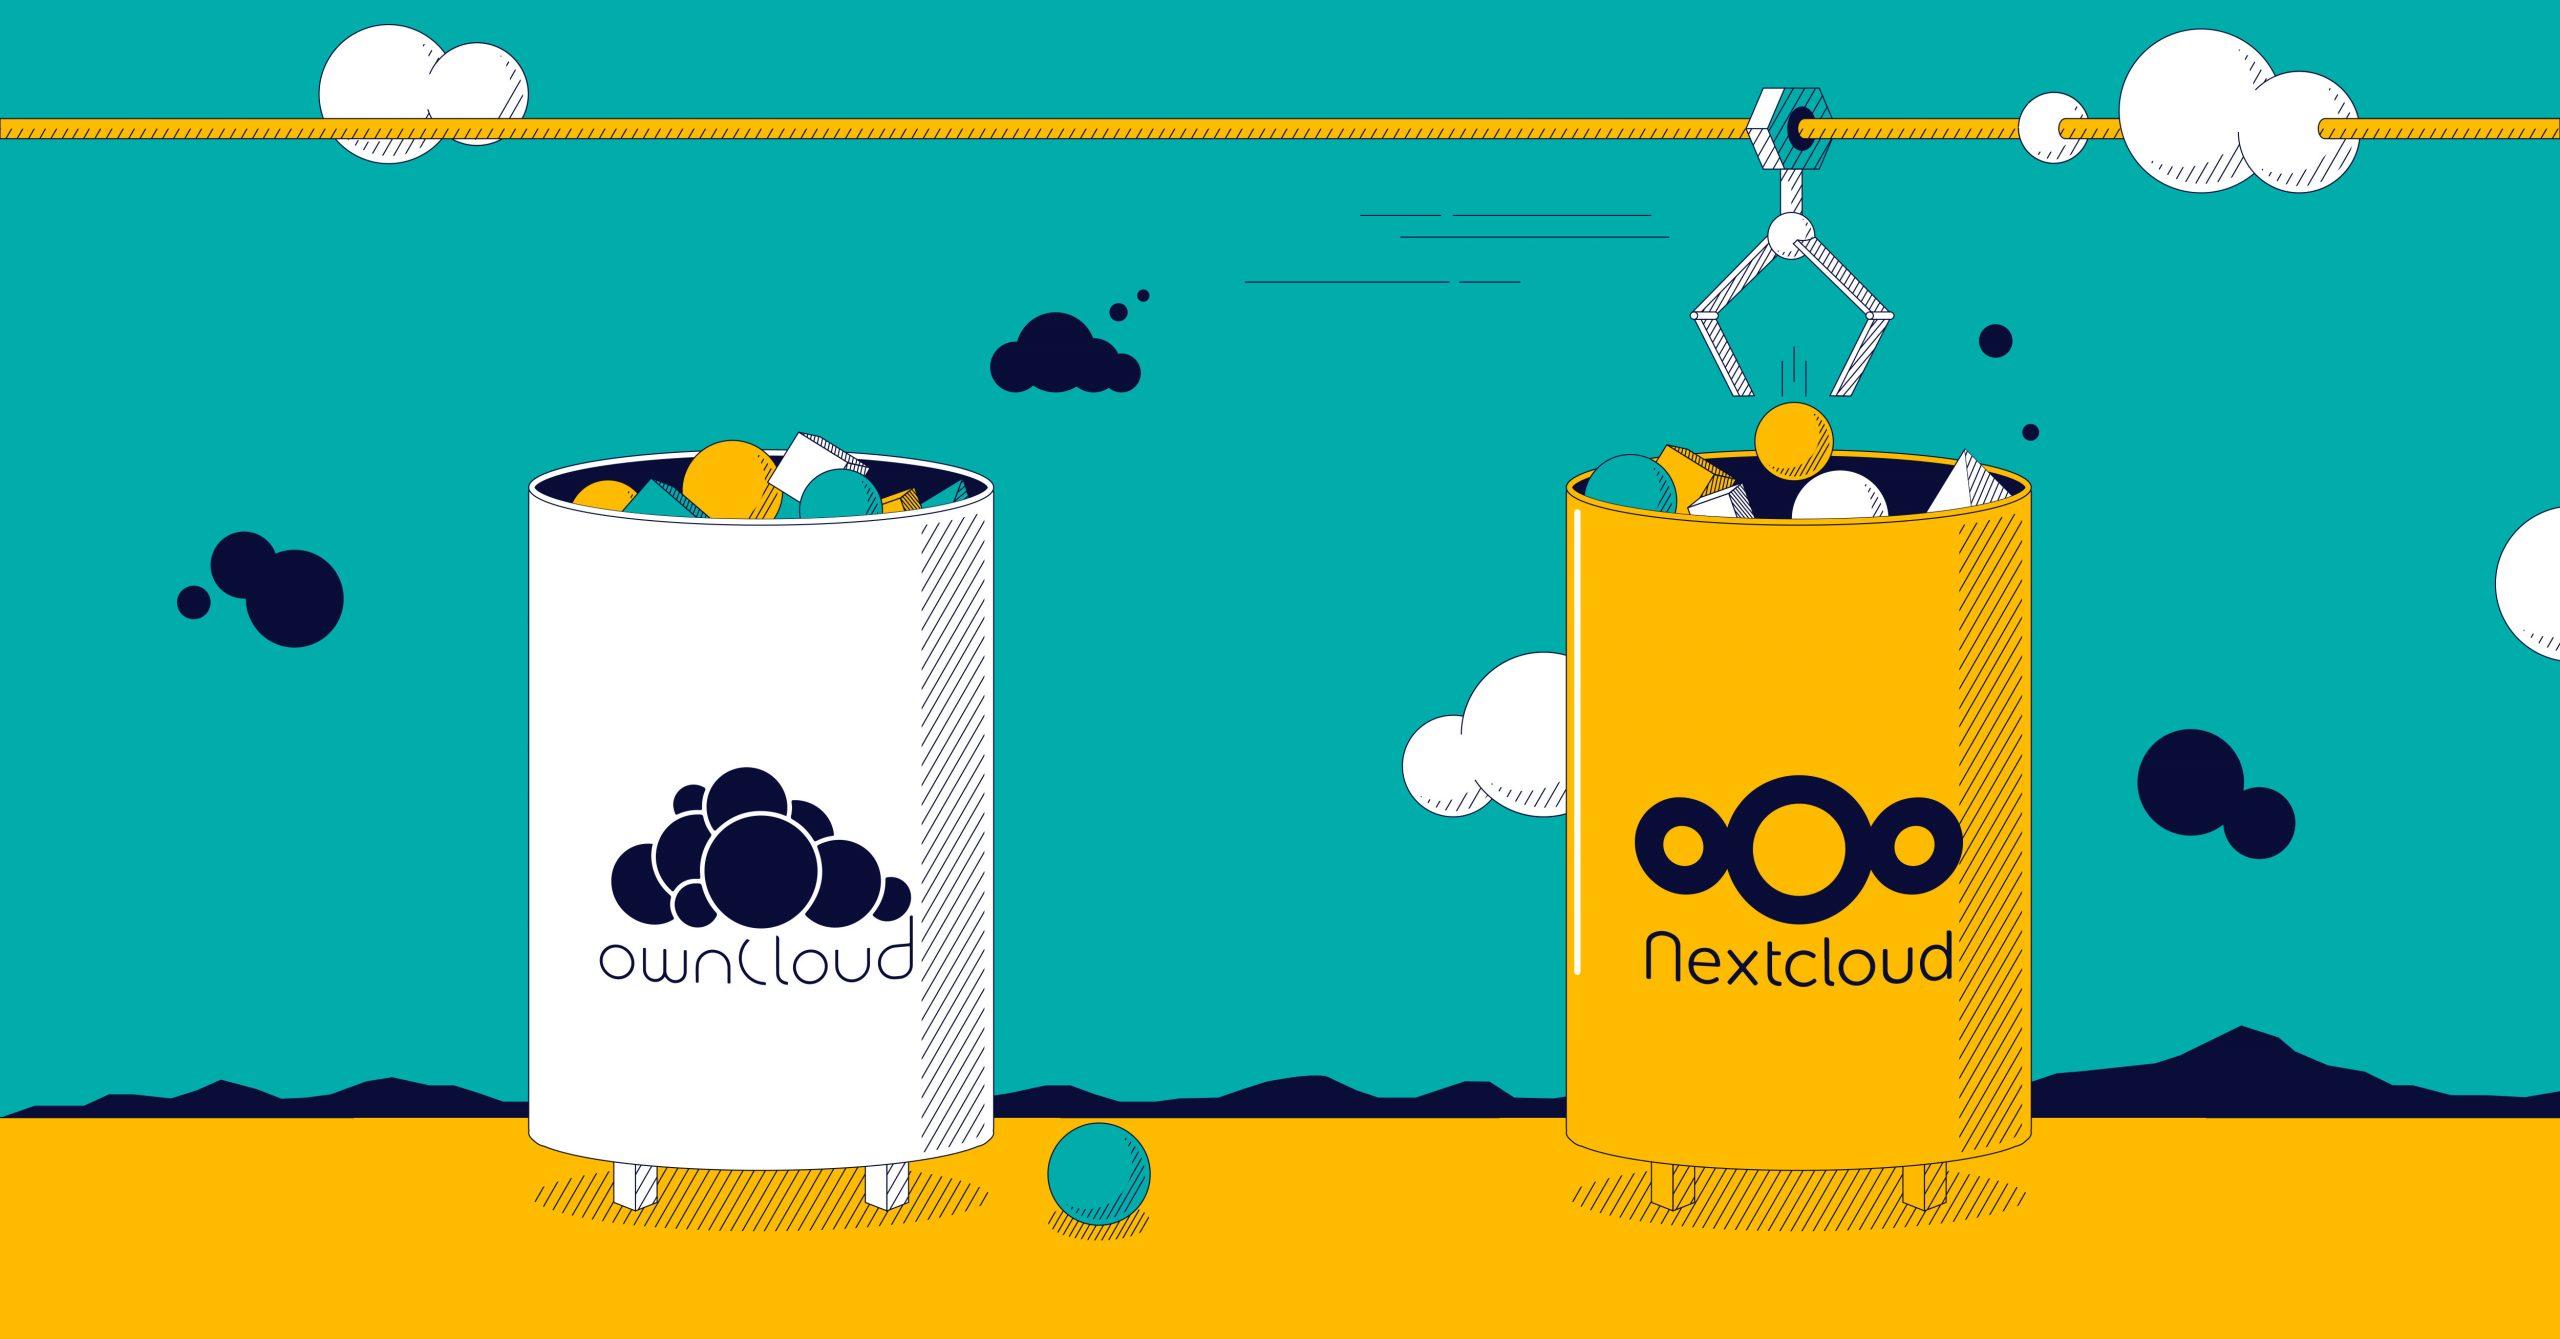 NextCloud と ownCloud : どちらのクラウドストレージソフトを選択したほうがよいでしょうか?